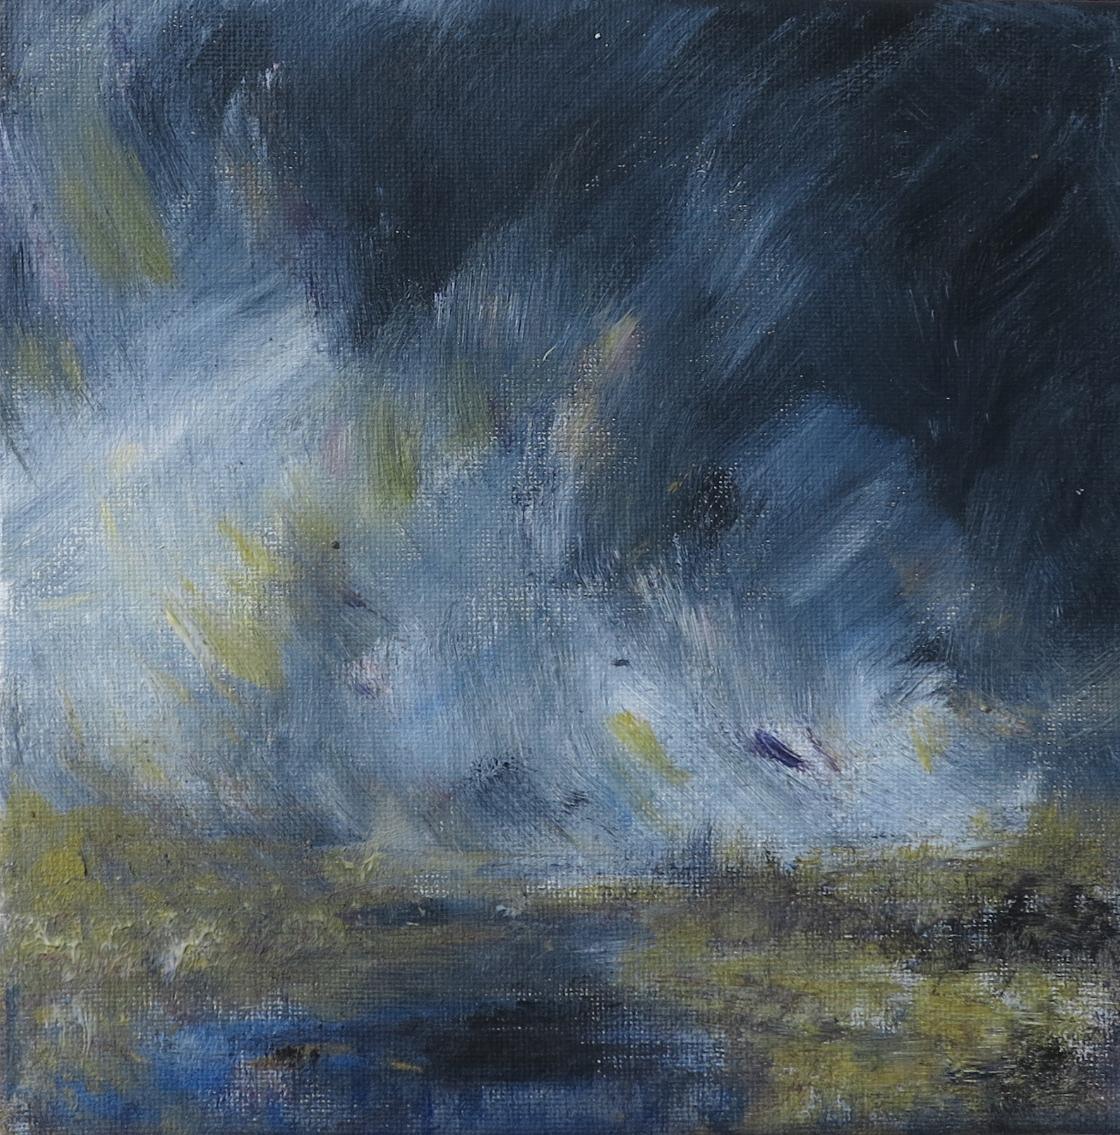 storm at sea-8e977de7